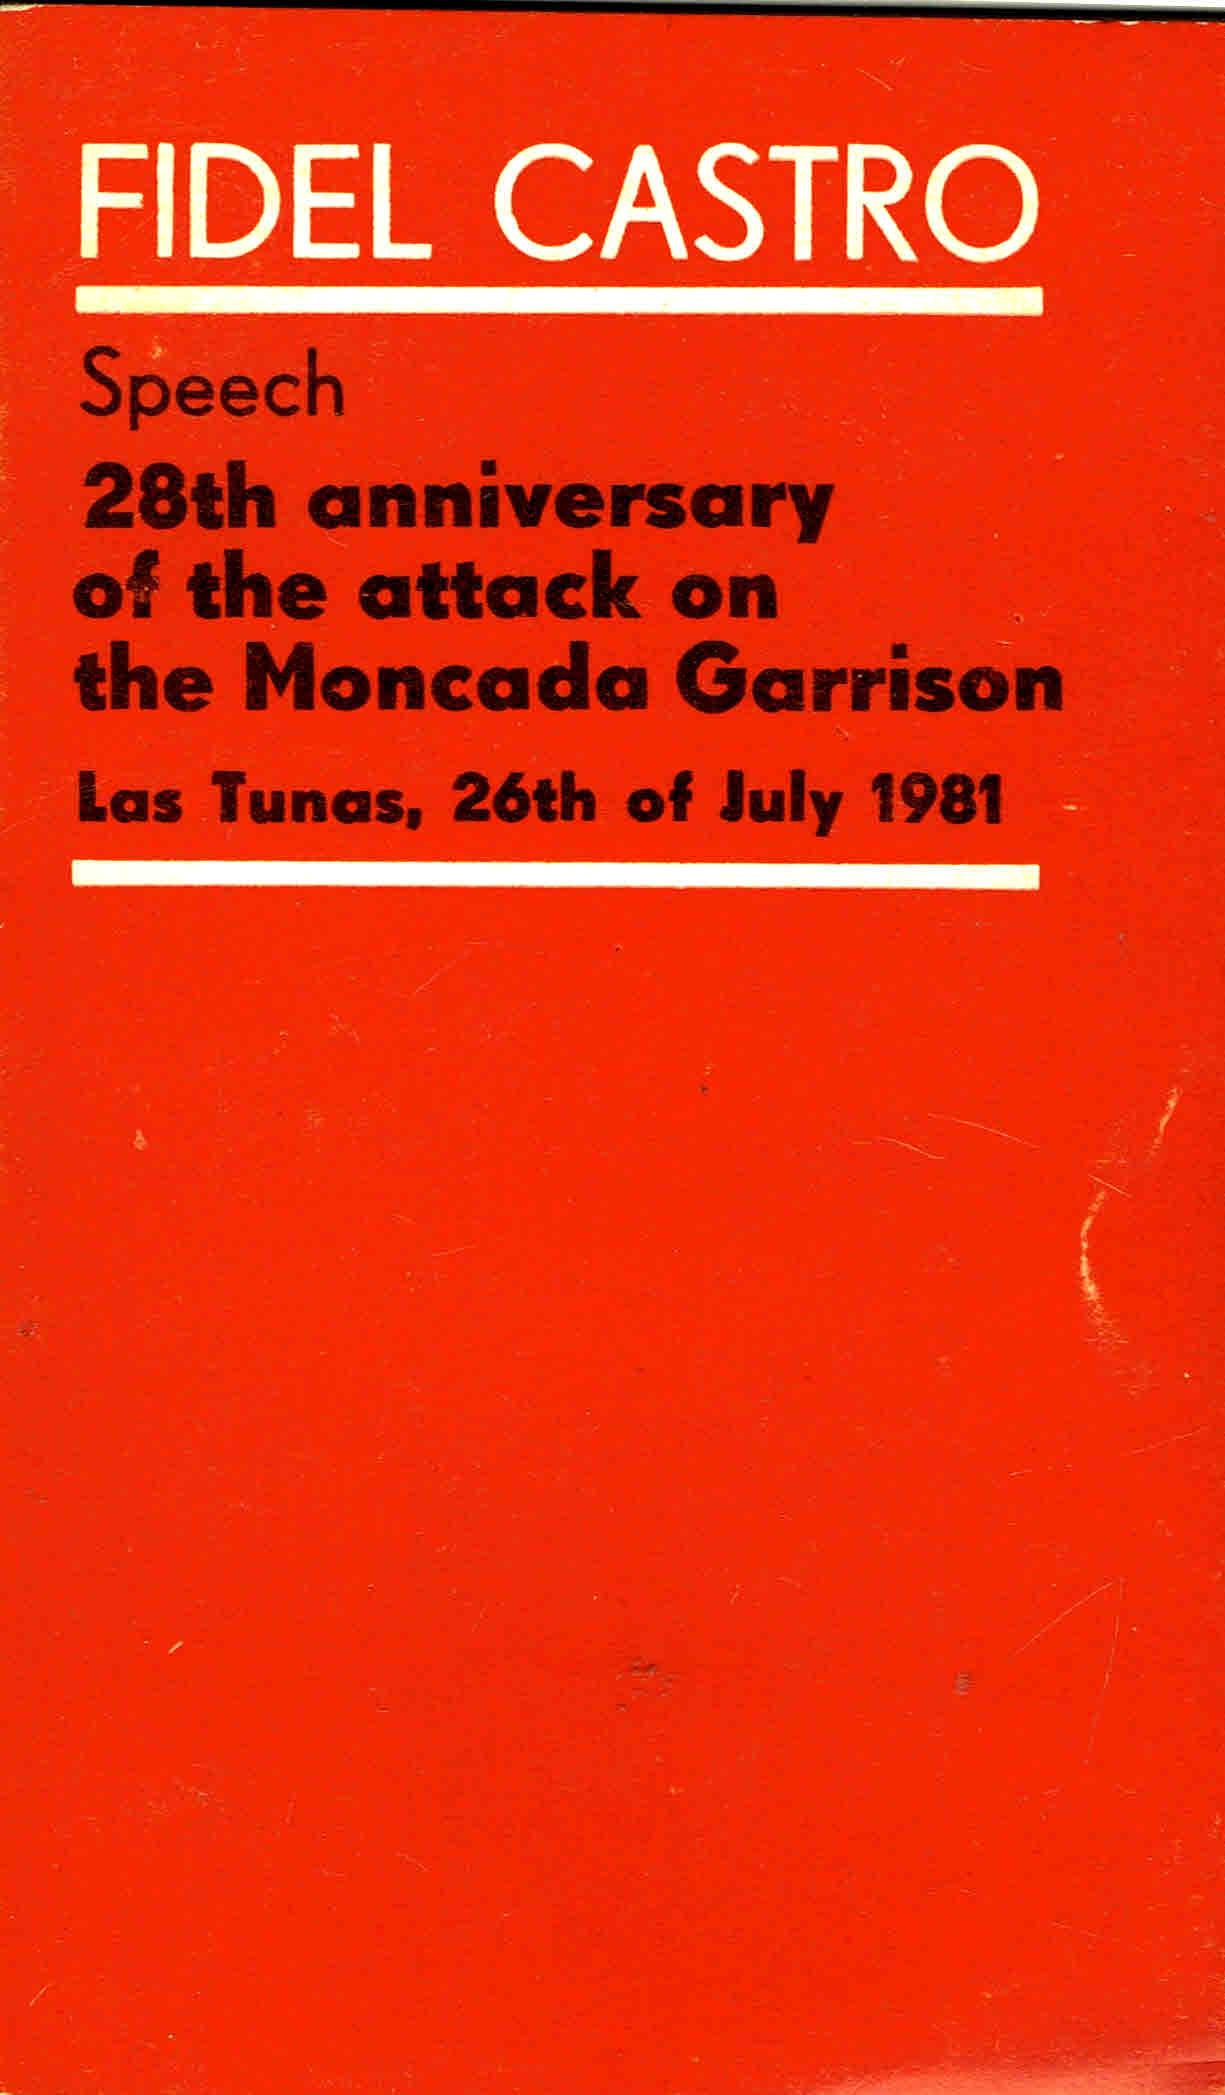 fidel castro speech28 anniversay of the attack on the moncada garrison